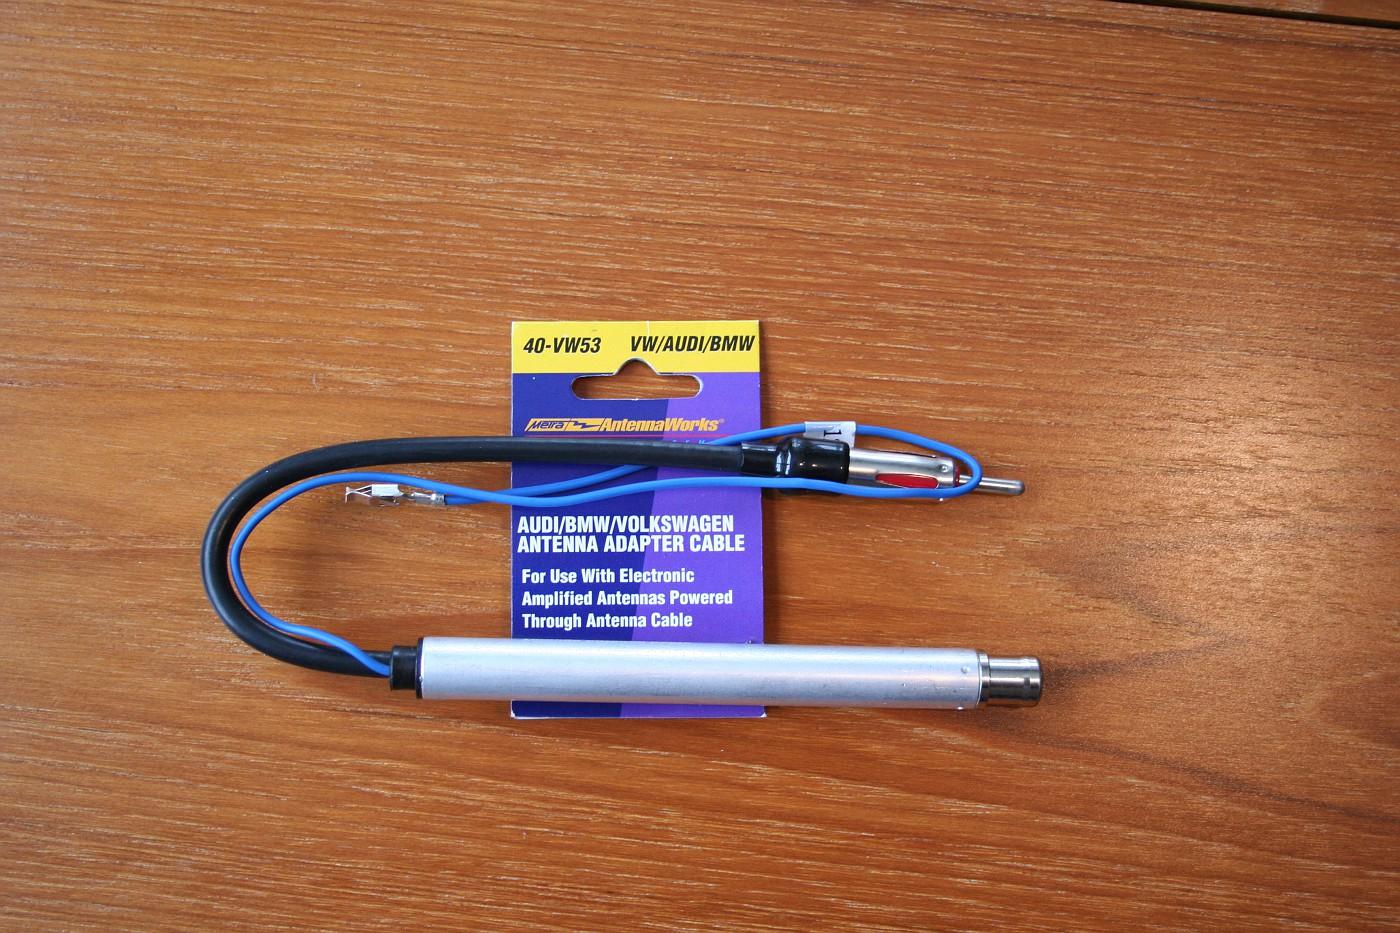 Power anntenna wire deck install - Audi Forum - Audi Forums